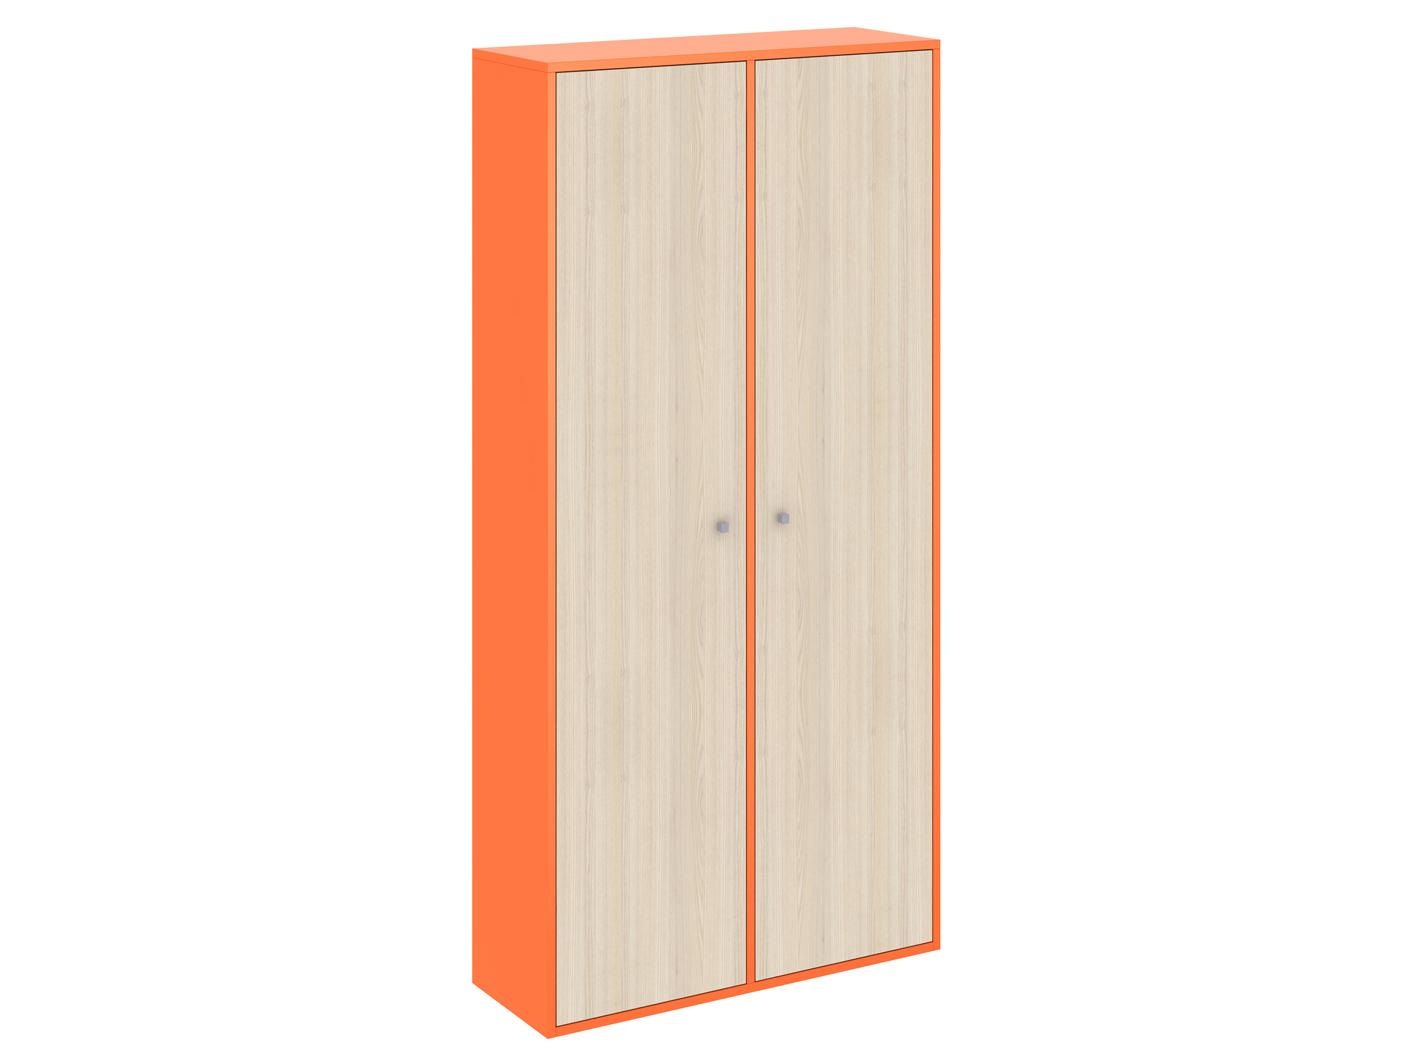 Шкаф PinokkioПлатяные шкафы<br>&amp;lt;div&amp;gt;Шкаф для хранения одежды имеет два отделения. В первом отделении расположены полки. Во втором - выдвижная штанга для одежды.&amp;lt;/div&amp;gt;&amp;lt;div&amp;gt;&amp;lt;br&amp;gt;&amp;lt;/div&amp;gt;&amp;lt;div&amp;gt;Материалы:&amp;lt;/div&amp;gt;&amp;lt;div&amp;gt;ЛДСП, толщина 22 мм&amp;lt;/div&amp;gt;<br><br>Material: ДСП<br>Ширина см: 108<br>Высота см: 220<br>Глубина см: 40